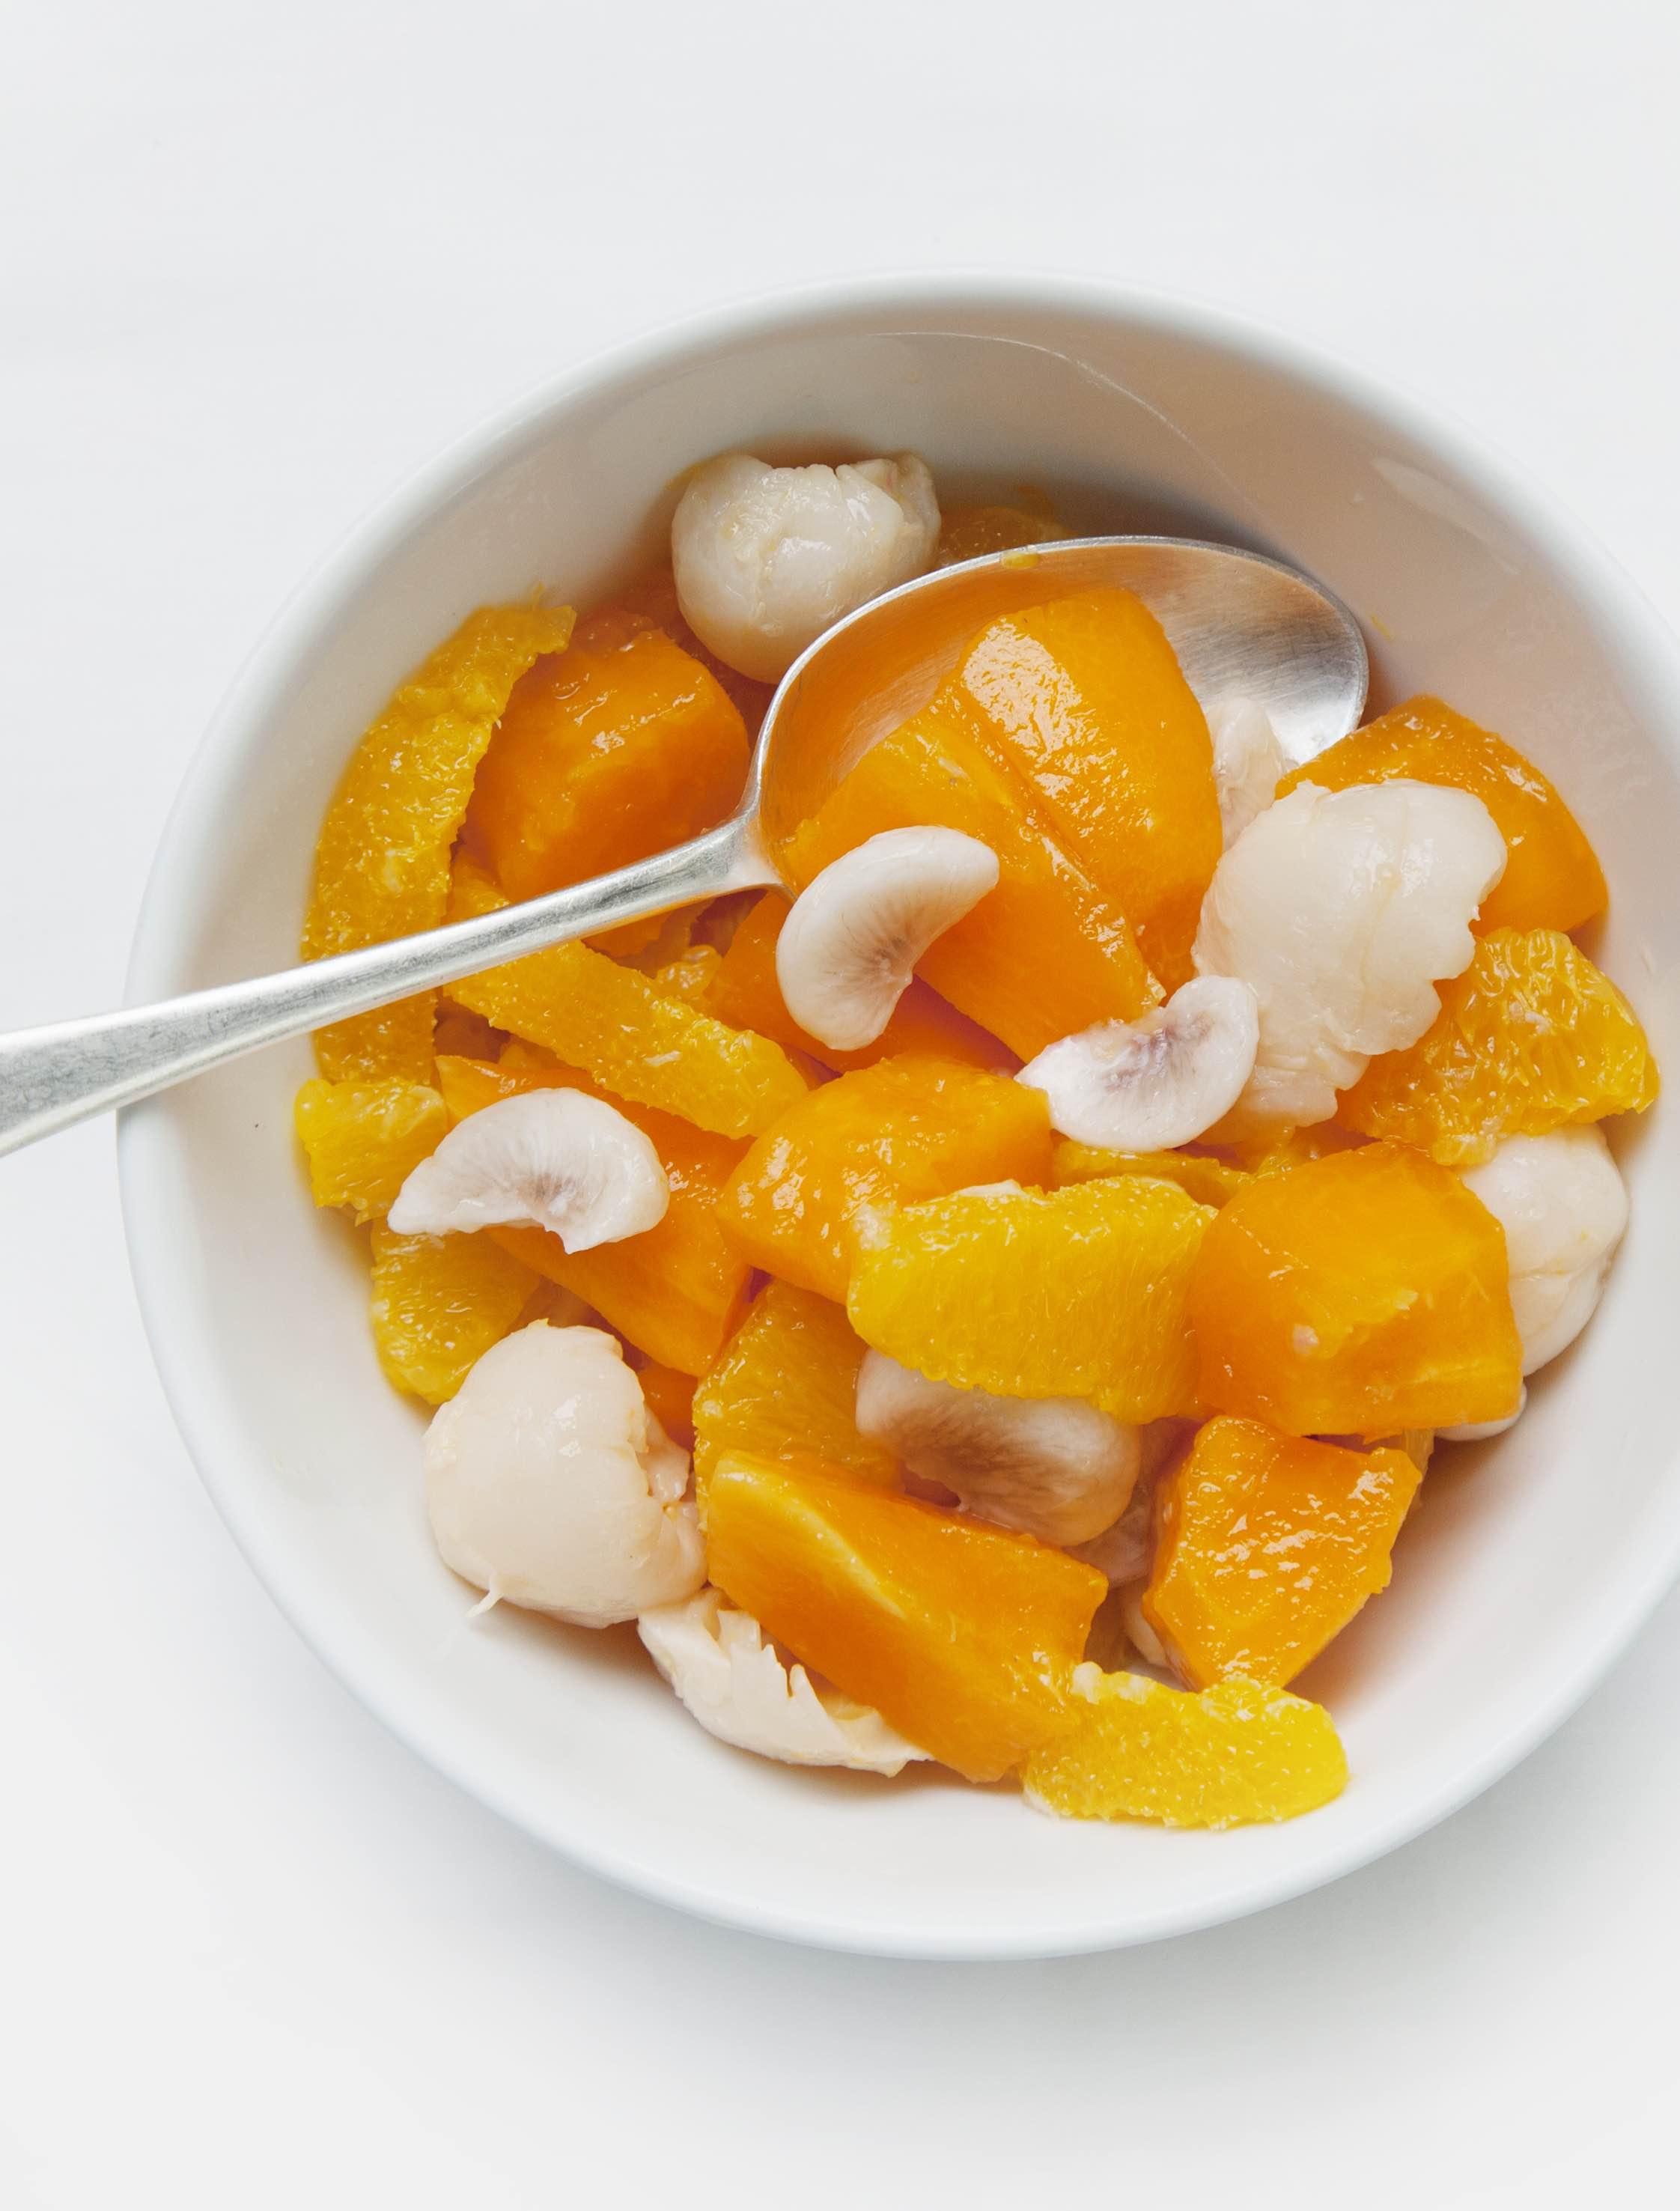 Gingerflower and orange fruit salad 422 book approved.jpg